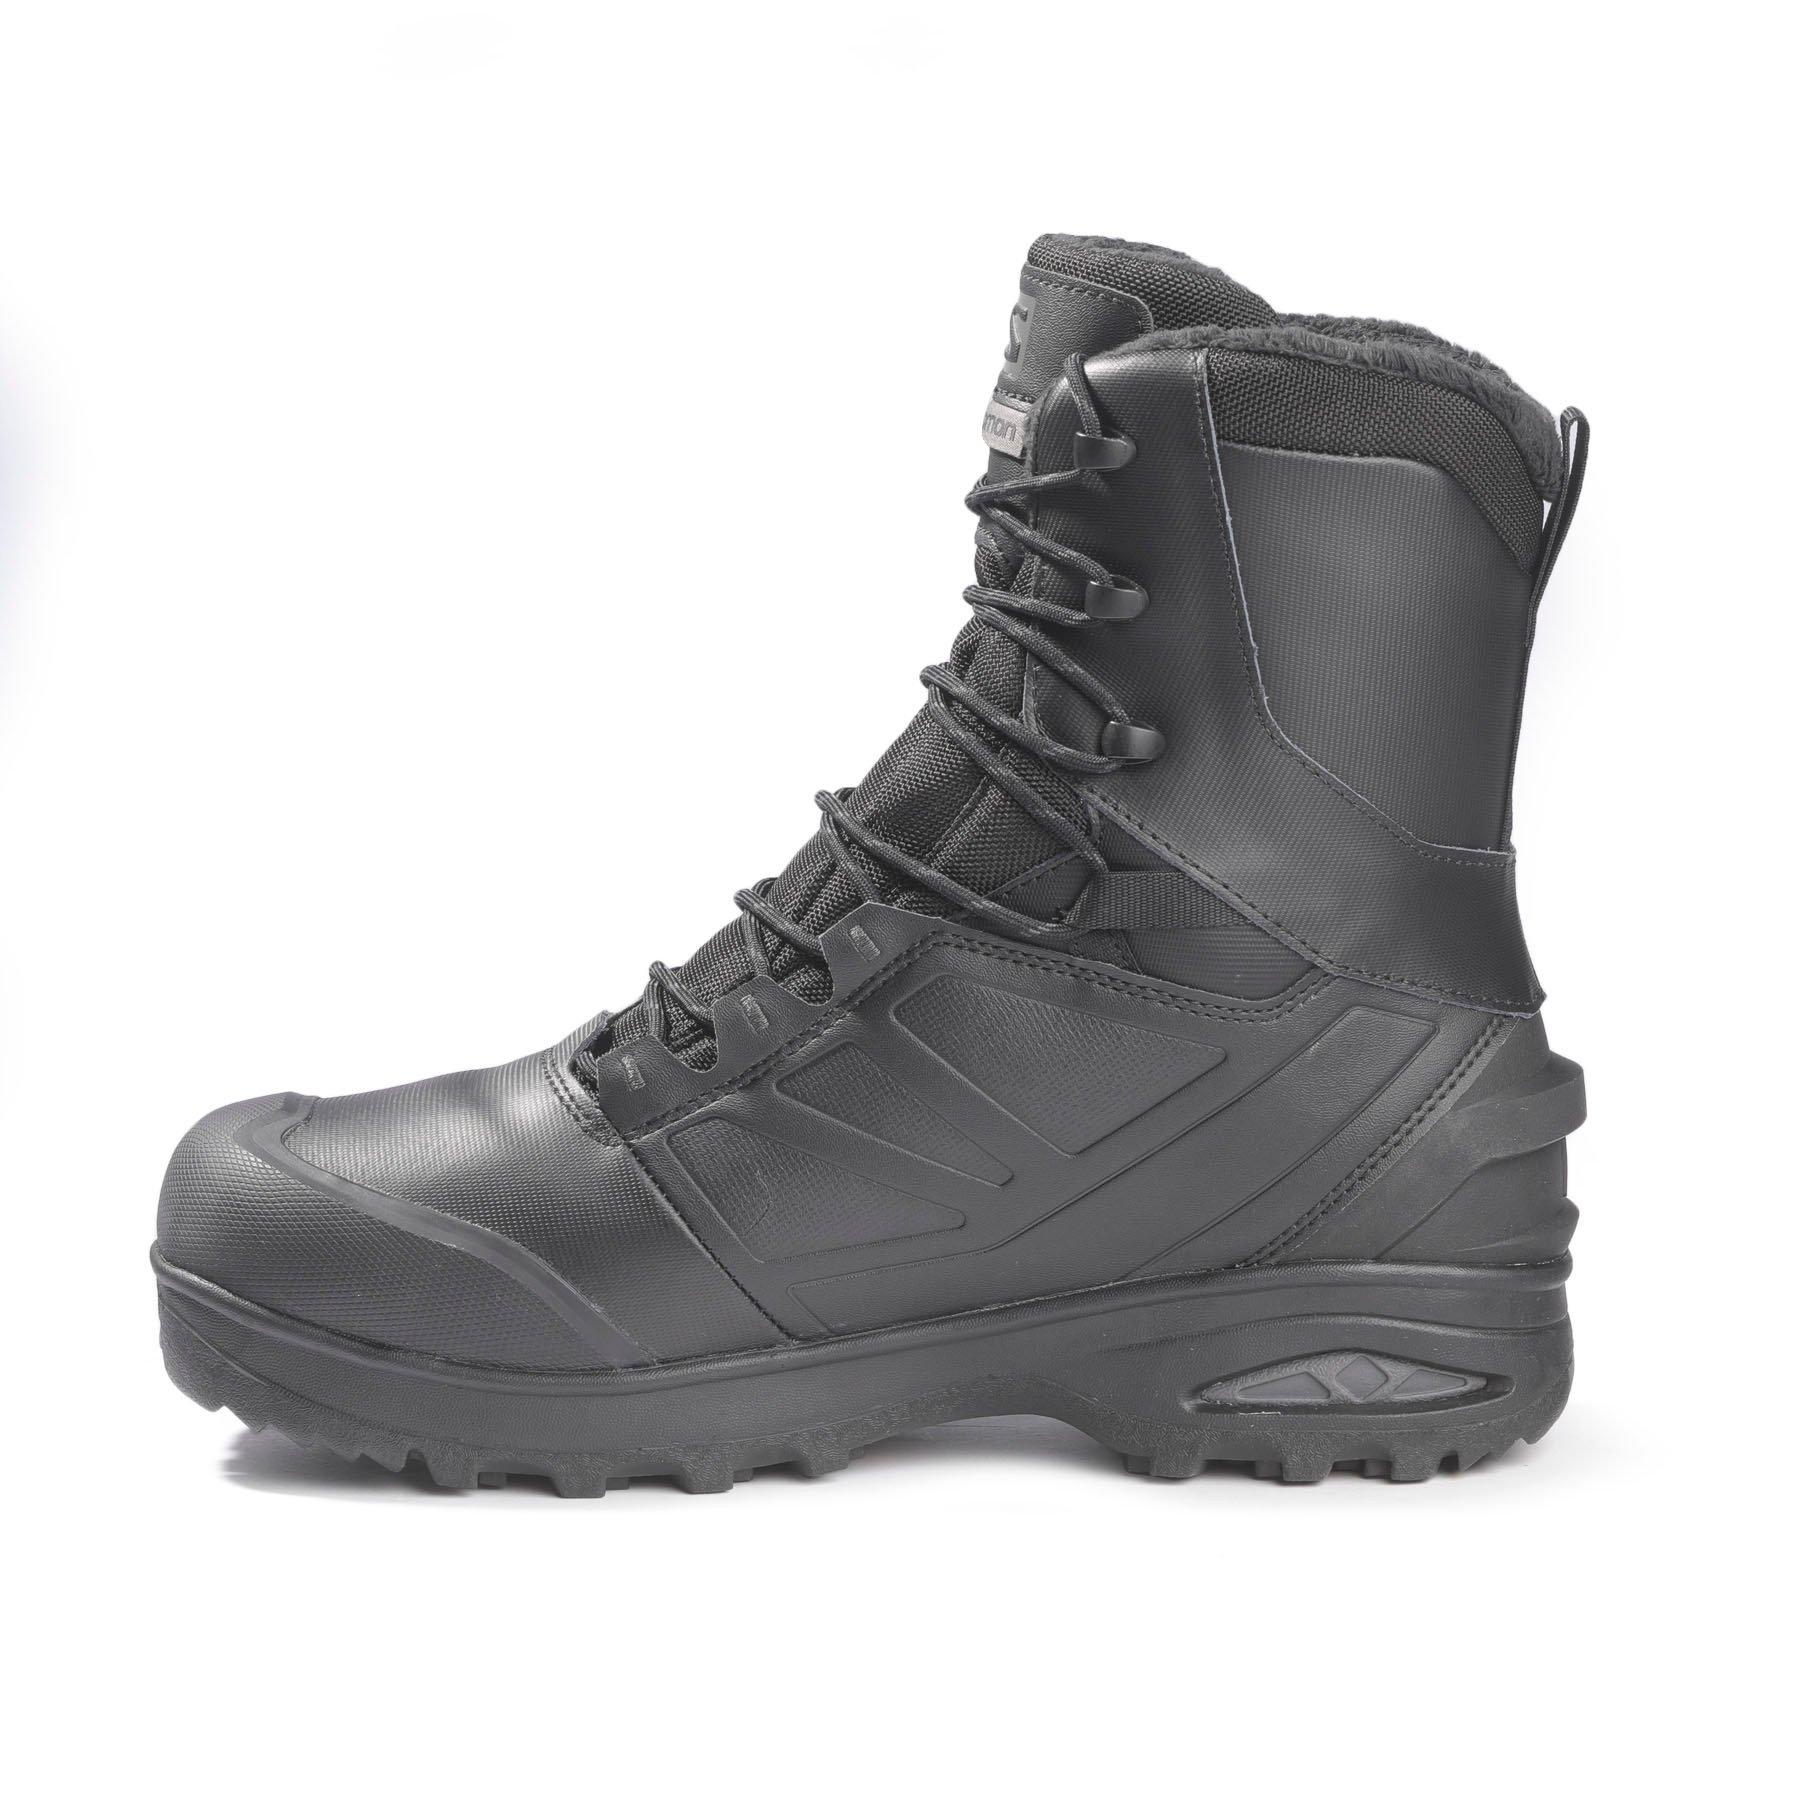 29784a31e8f Salomon Toundra Forces CSWP Boot.